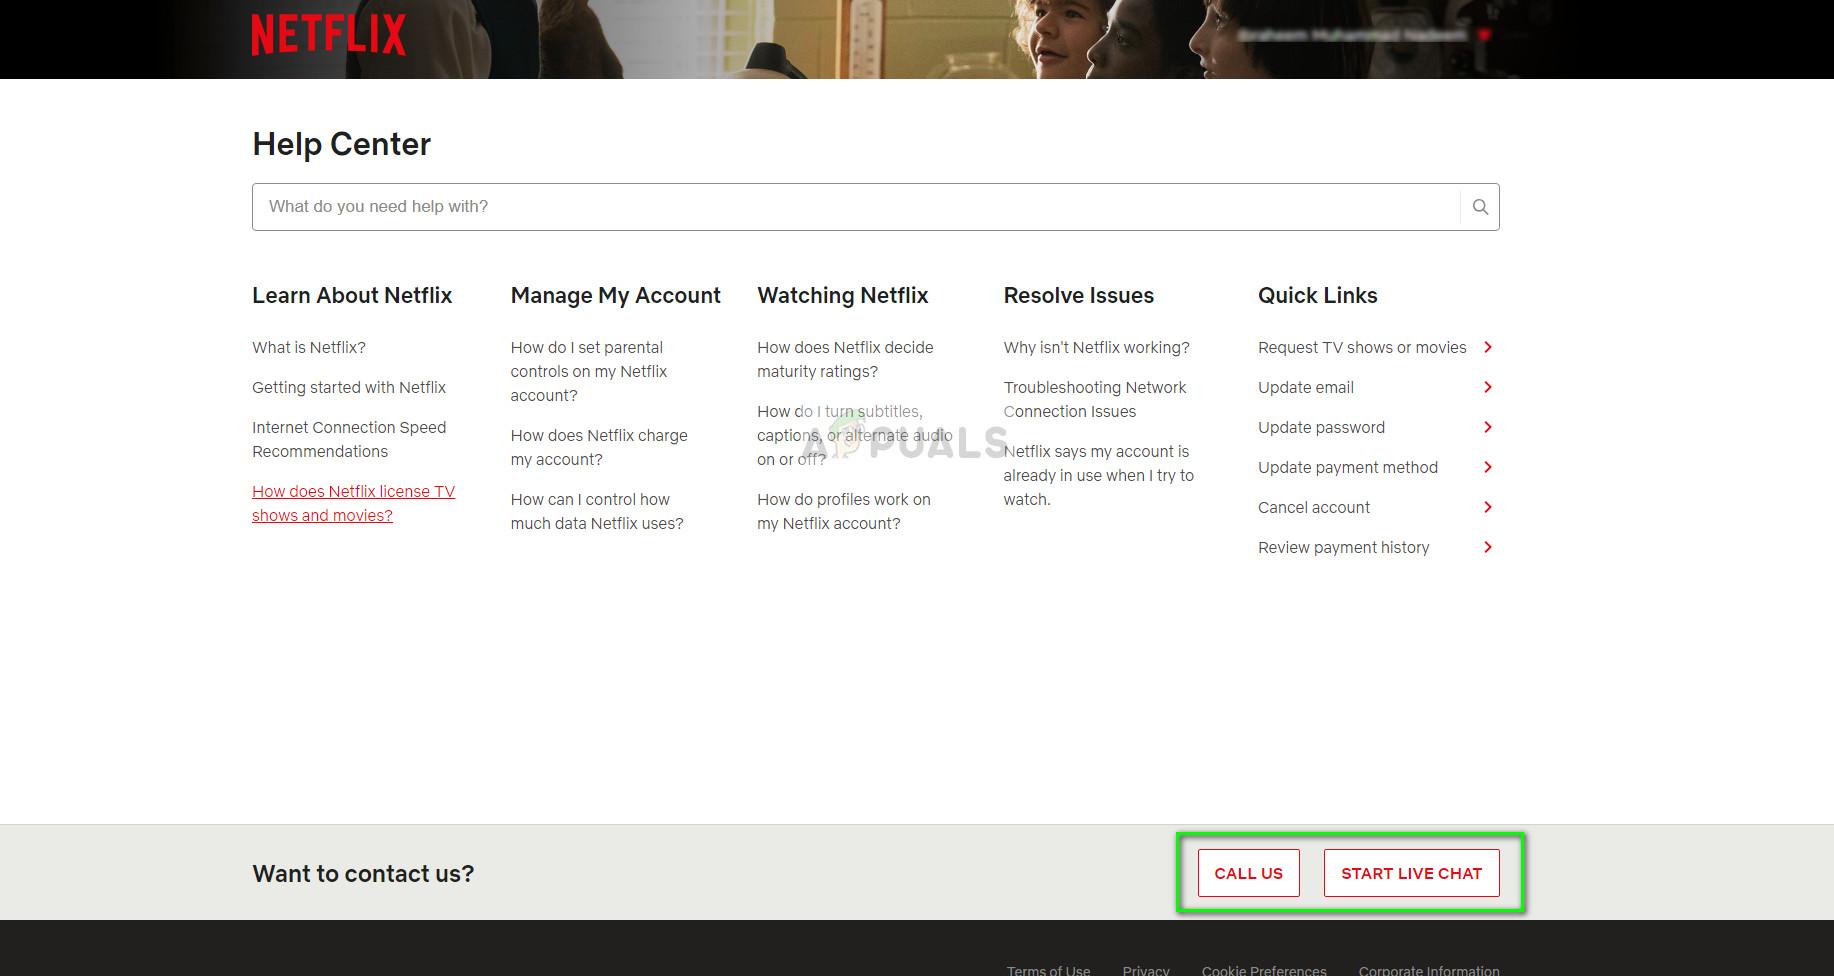 Netflix Official Help website